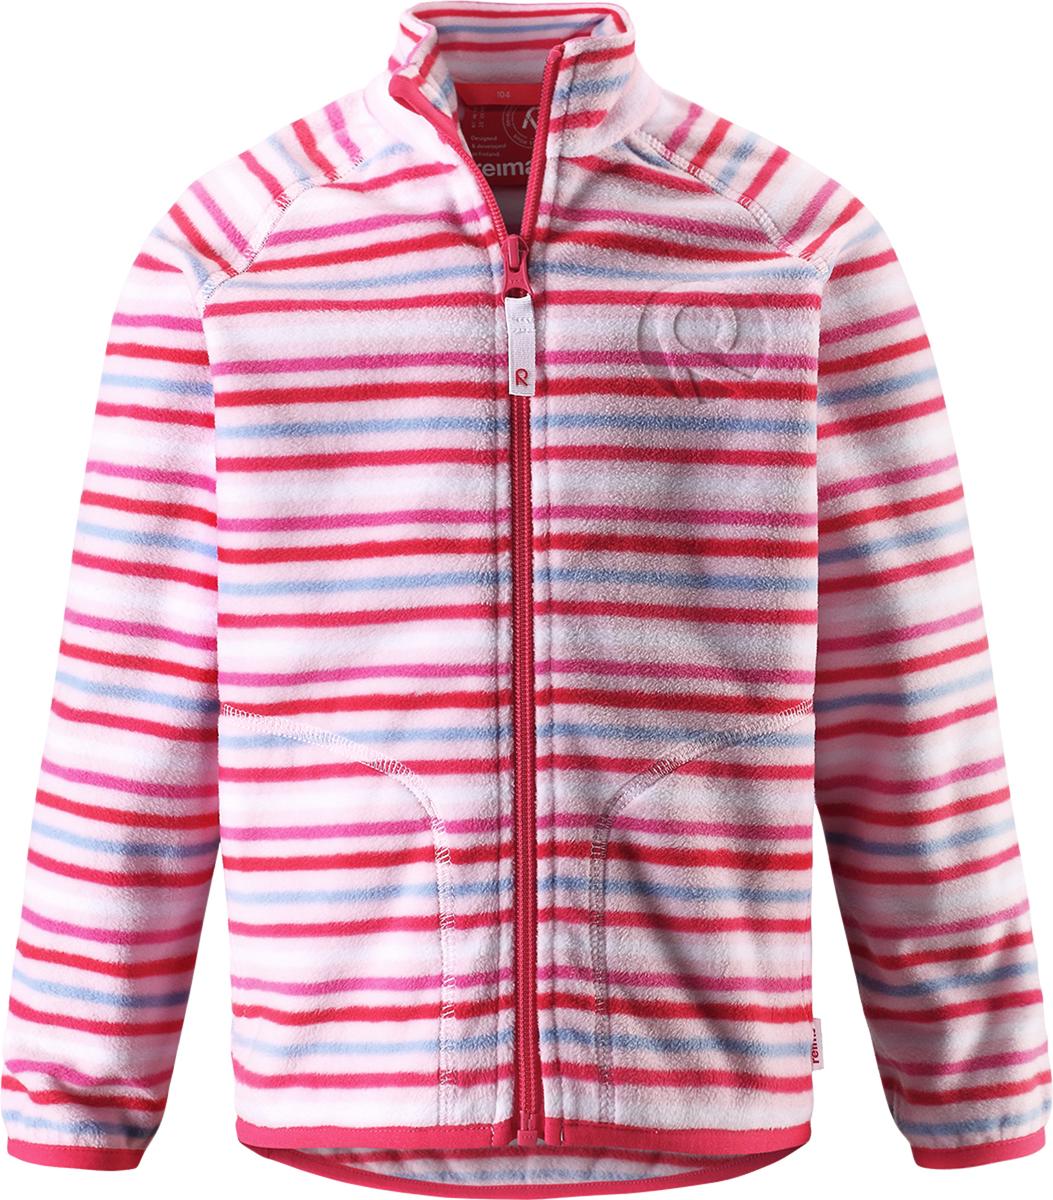 Толстовка флисовая детская Reima Inrun, цвет: розовый, белый. 5262504011. Размер 1165262504011Детская флисовая толстовка Reima на прохладный день. Можно использовать как верхнюю одежду в сухую погоду весной и осенью или поддевать в качестве промежуточного слоя в холода. Обратите внимание на удобную систему кнопок Play Layers, с помощью которой легко присоединить кофту к одежде из серии Reima Play Layers и обеспечить ребенку дополнительное тепло и комфорт. Высококачественный флис - это теплый, легкий и быстросохнущий материал, он идеально подходит для активных прогулок. Удлиненная спинка обеспечивает дополнительную защиту для поясницы, а молния во всю длину с защитой для подбородка облегчает надевание.